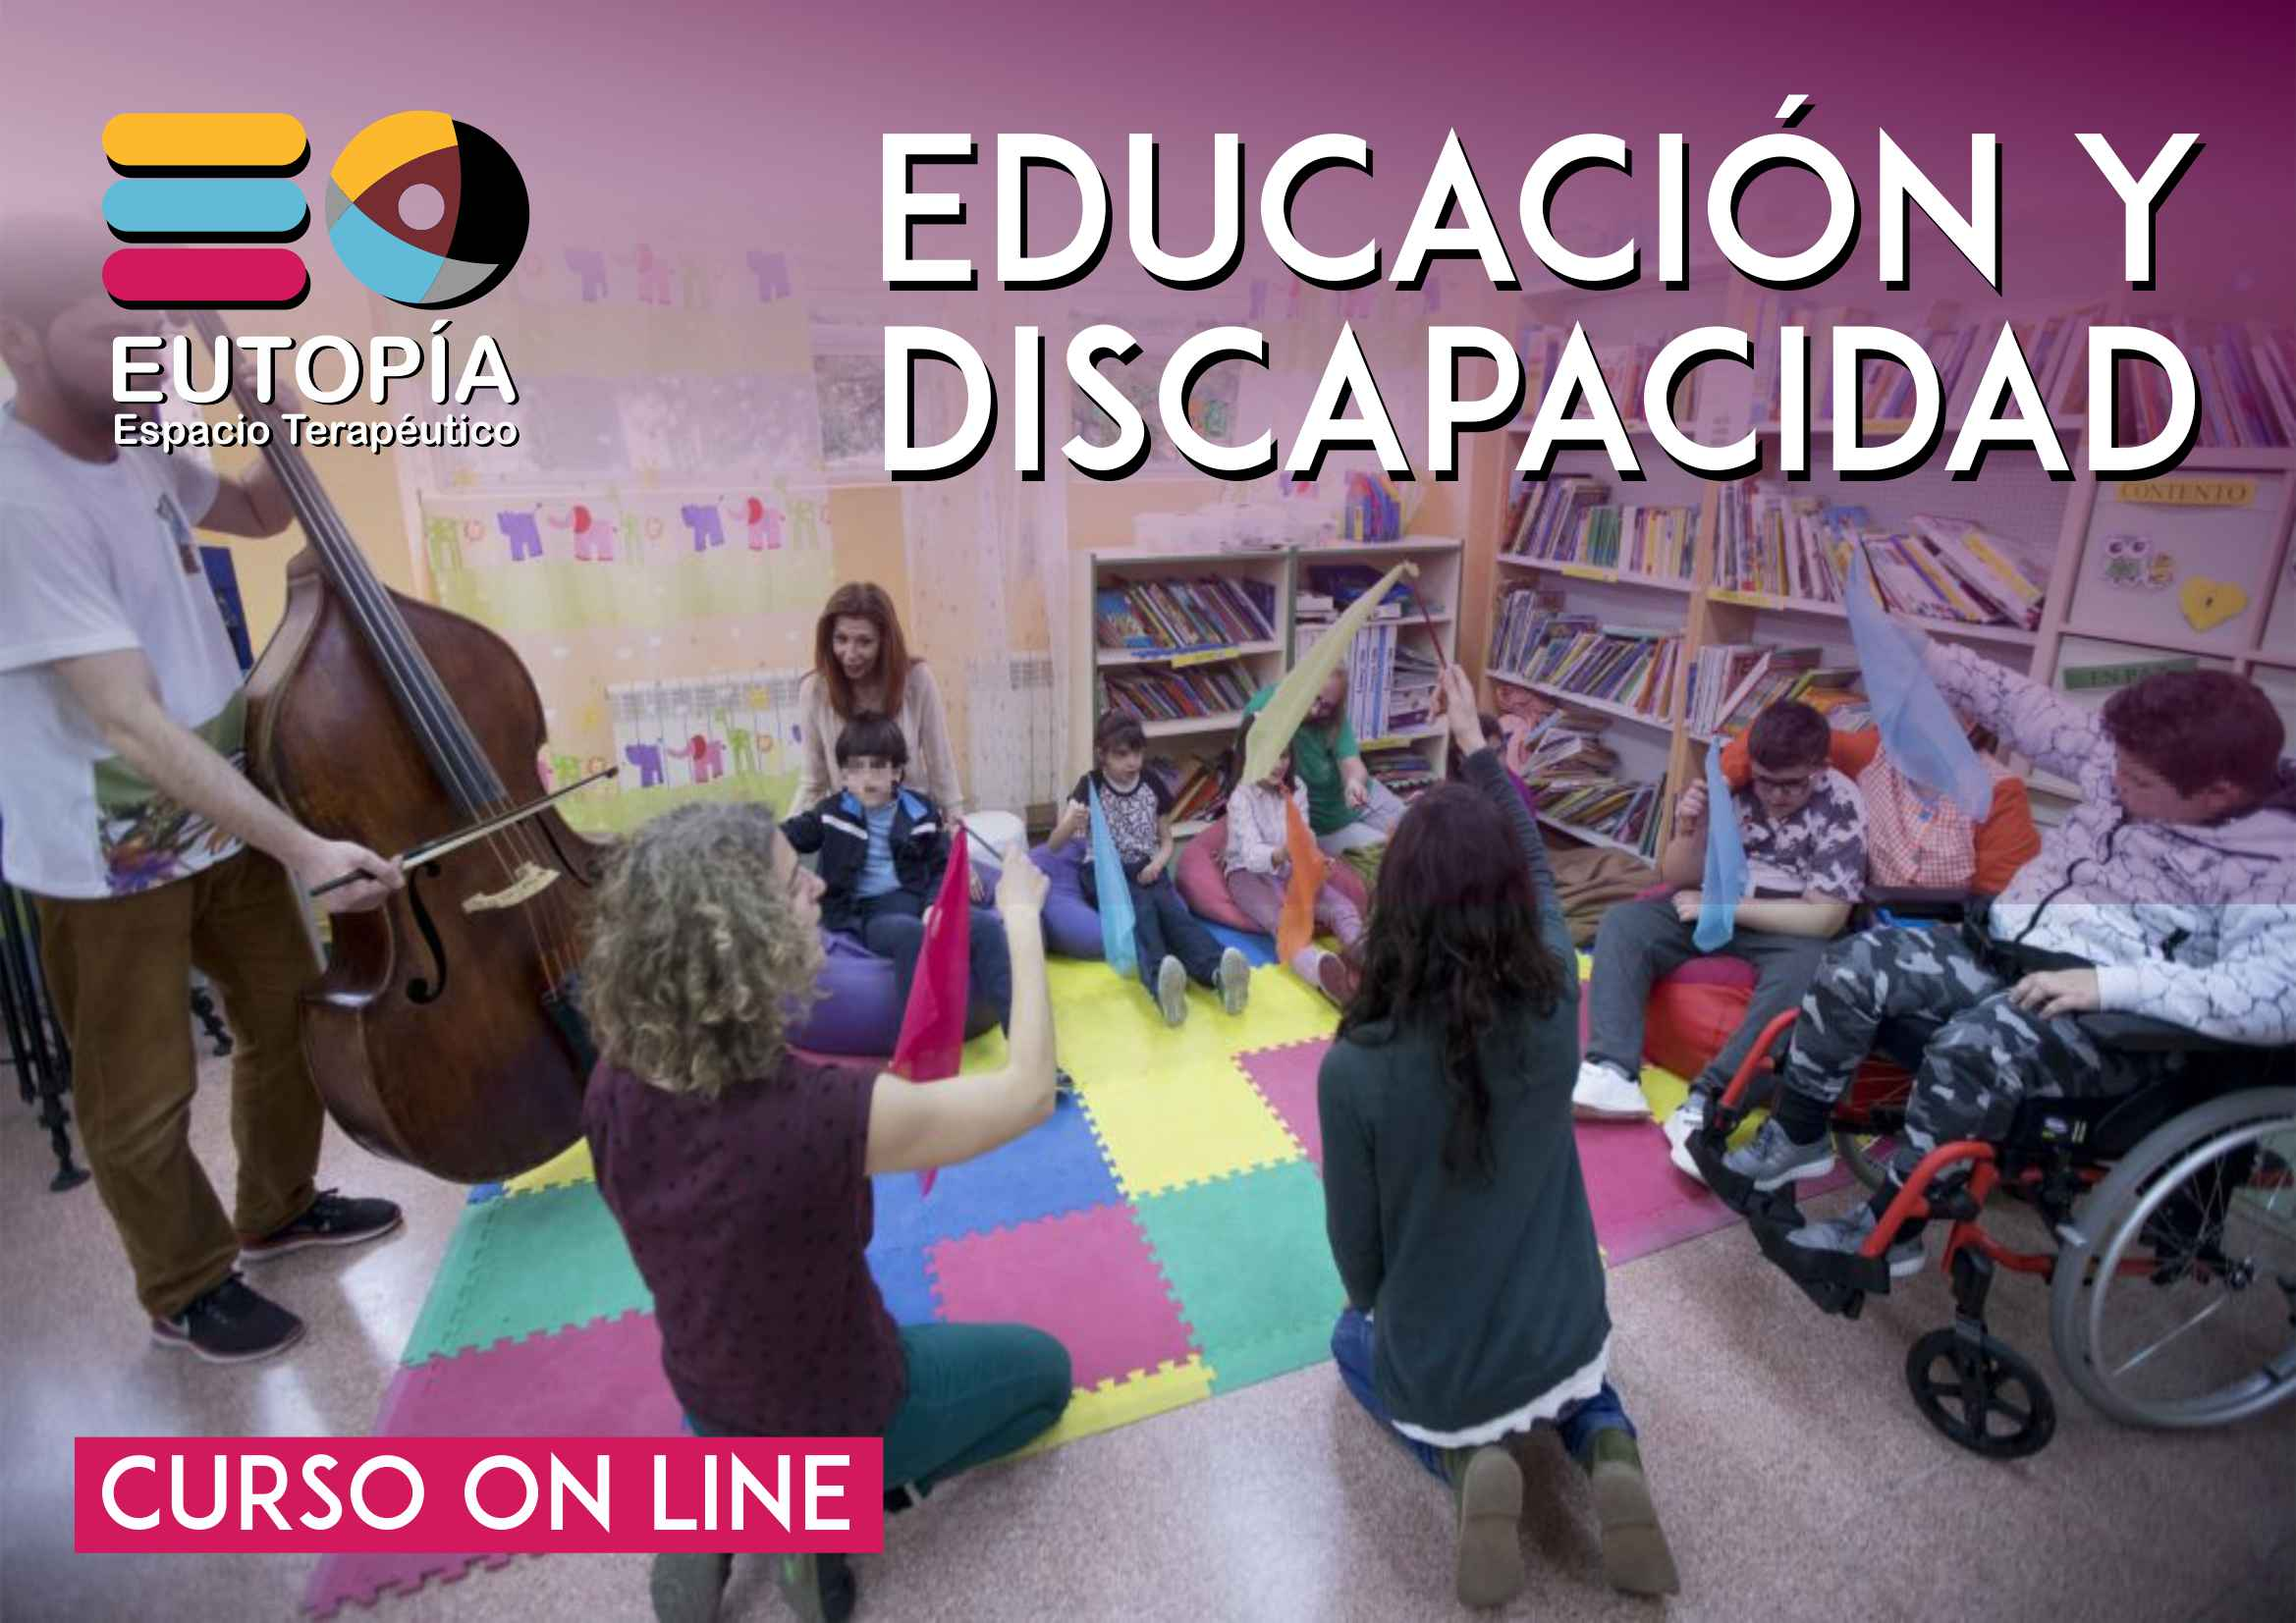 Educación y Discapacidad